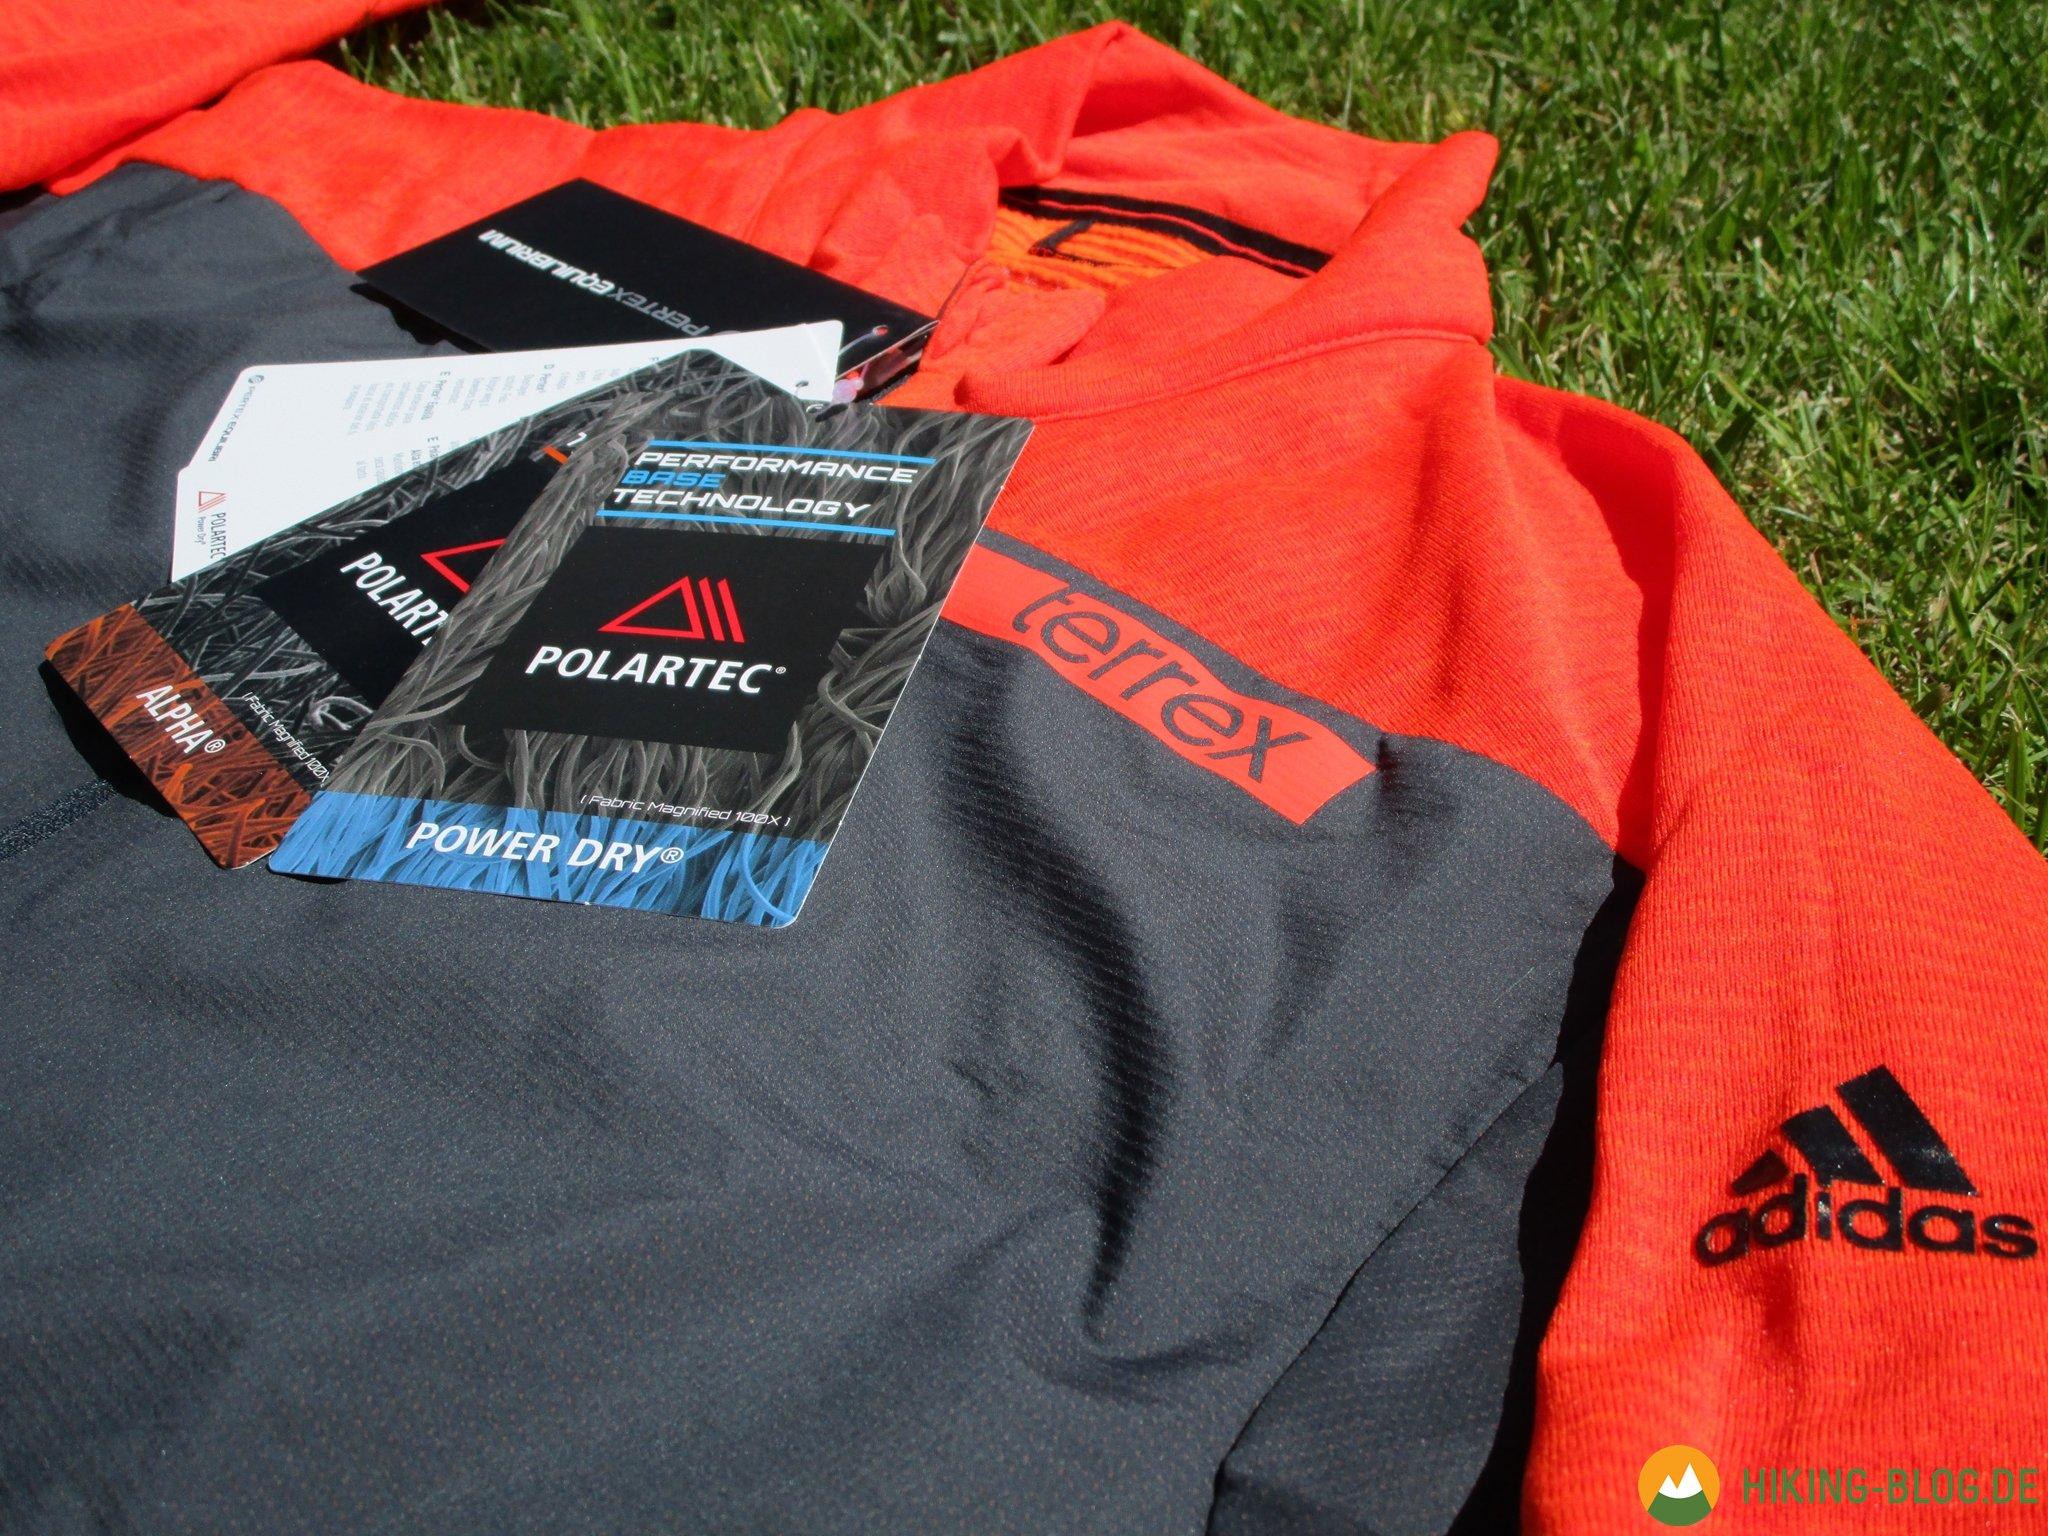 Praxistest: Adidas Terrex Skyclimb Top Hiking Blog